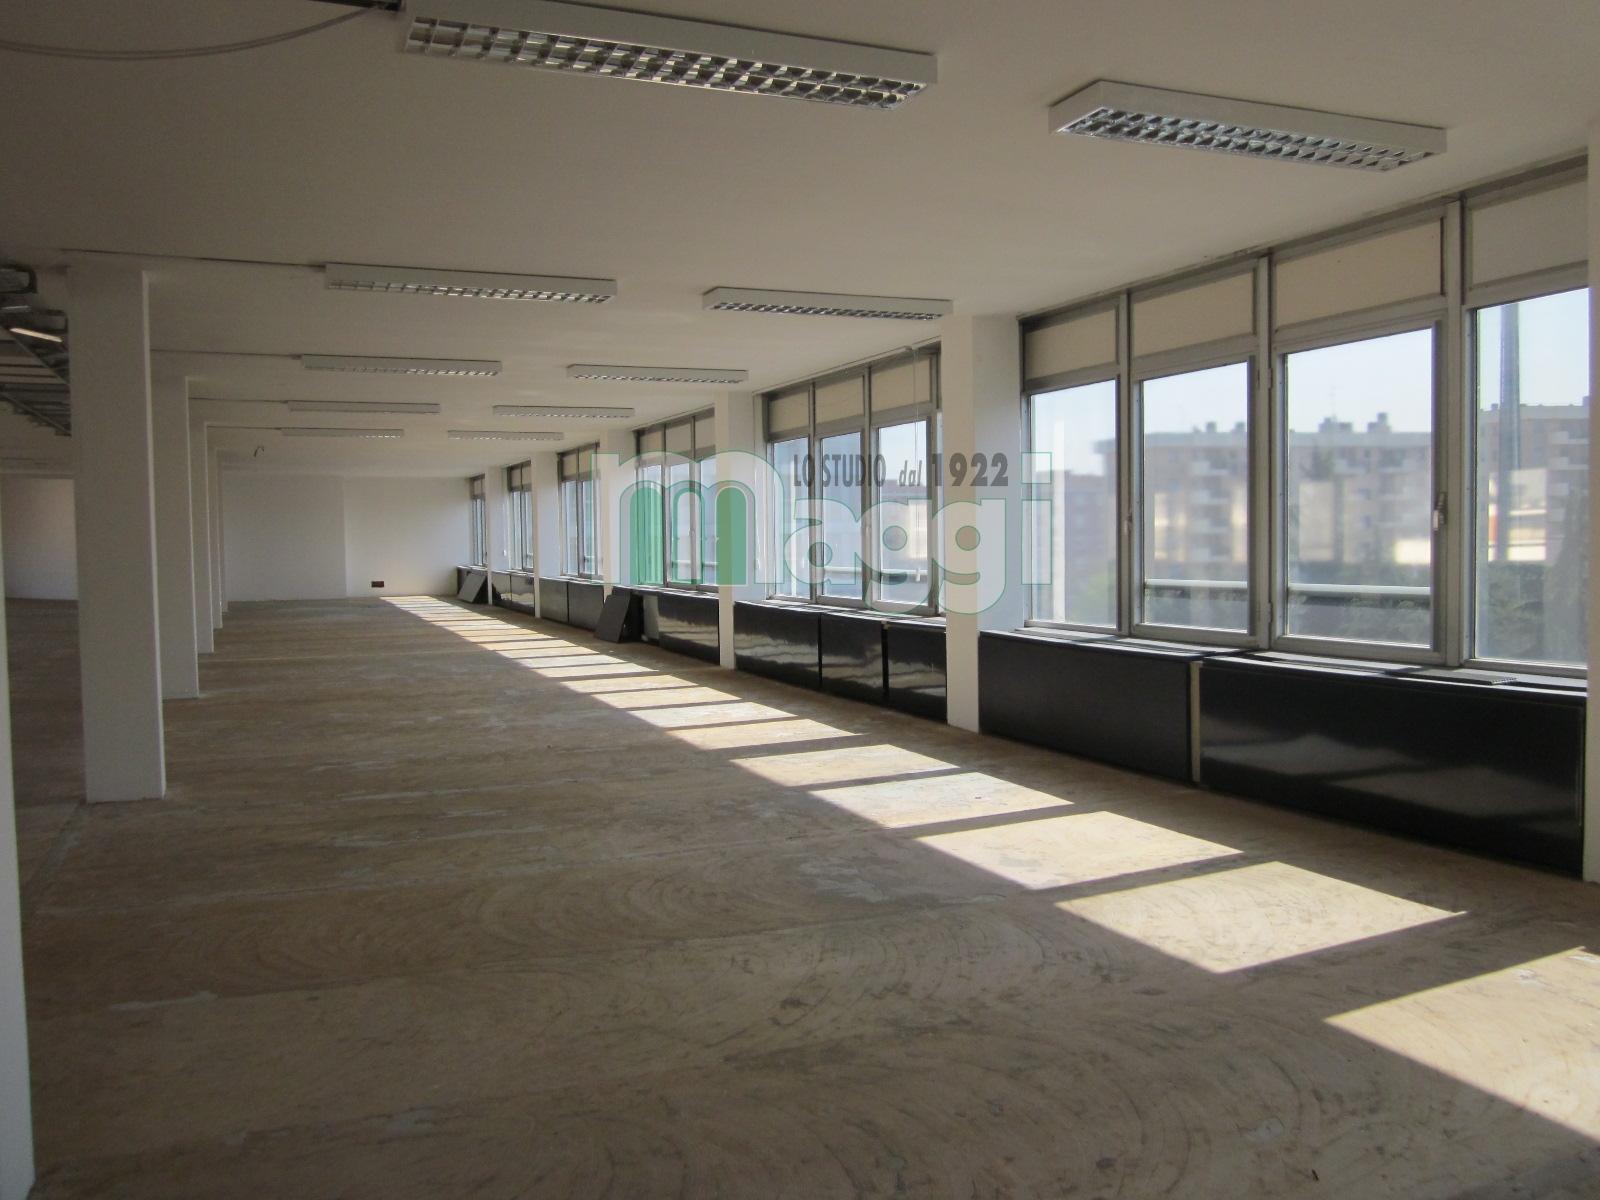 Ufficio-studio in Affitto a Trezzano Sul Naviglio:  5 locali, 1500 mq  - Foto 1